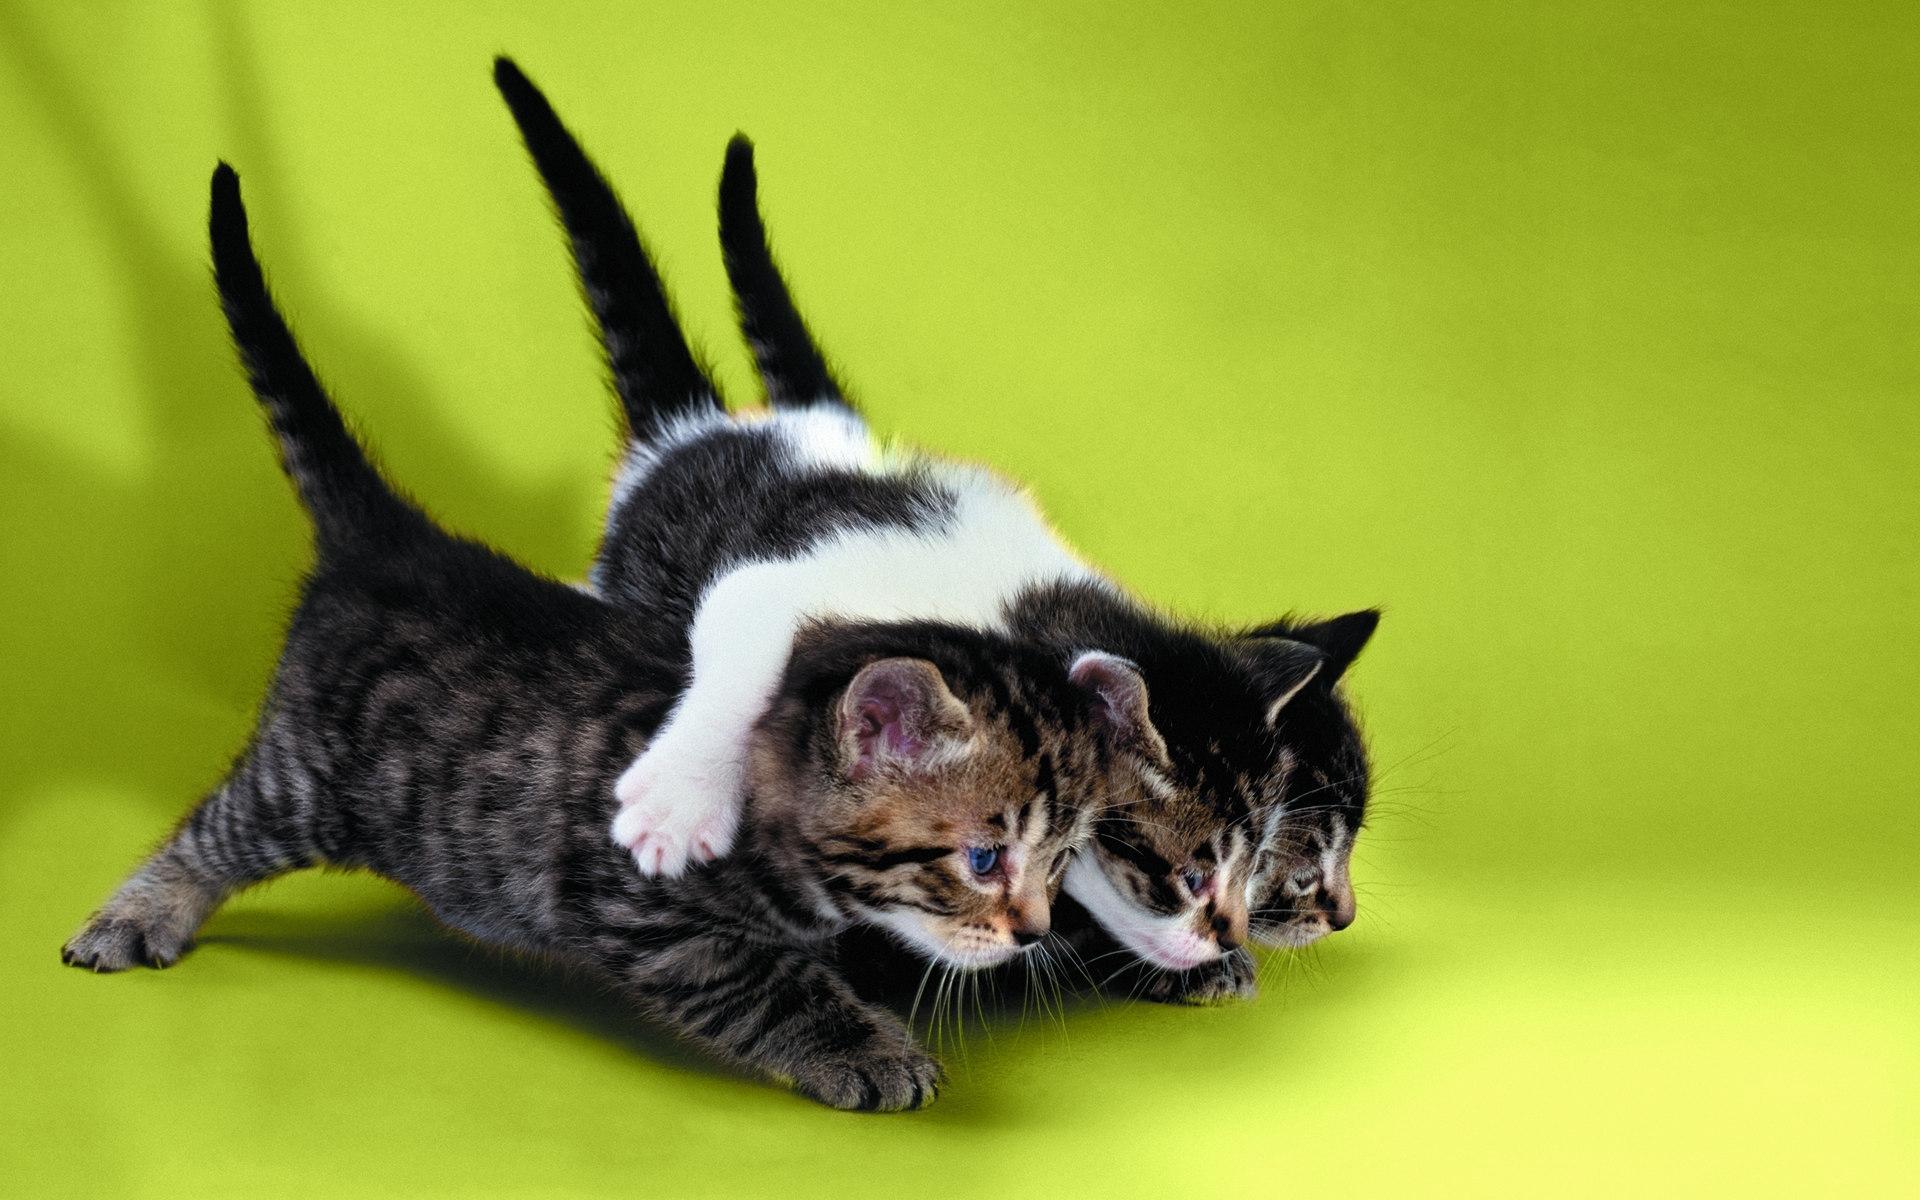 46692 Заставки и Обои Кошки (Коты, Котики) на телефон. Скачать Животные, Кошки (Коты, Котики) картинки бесплатно